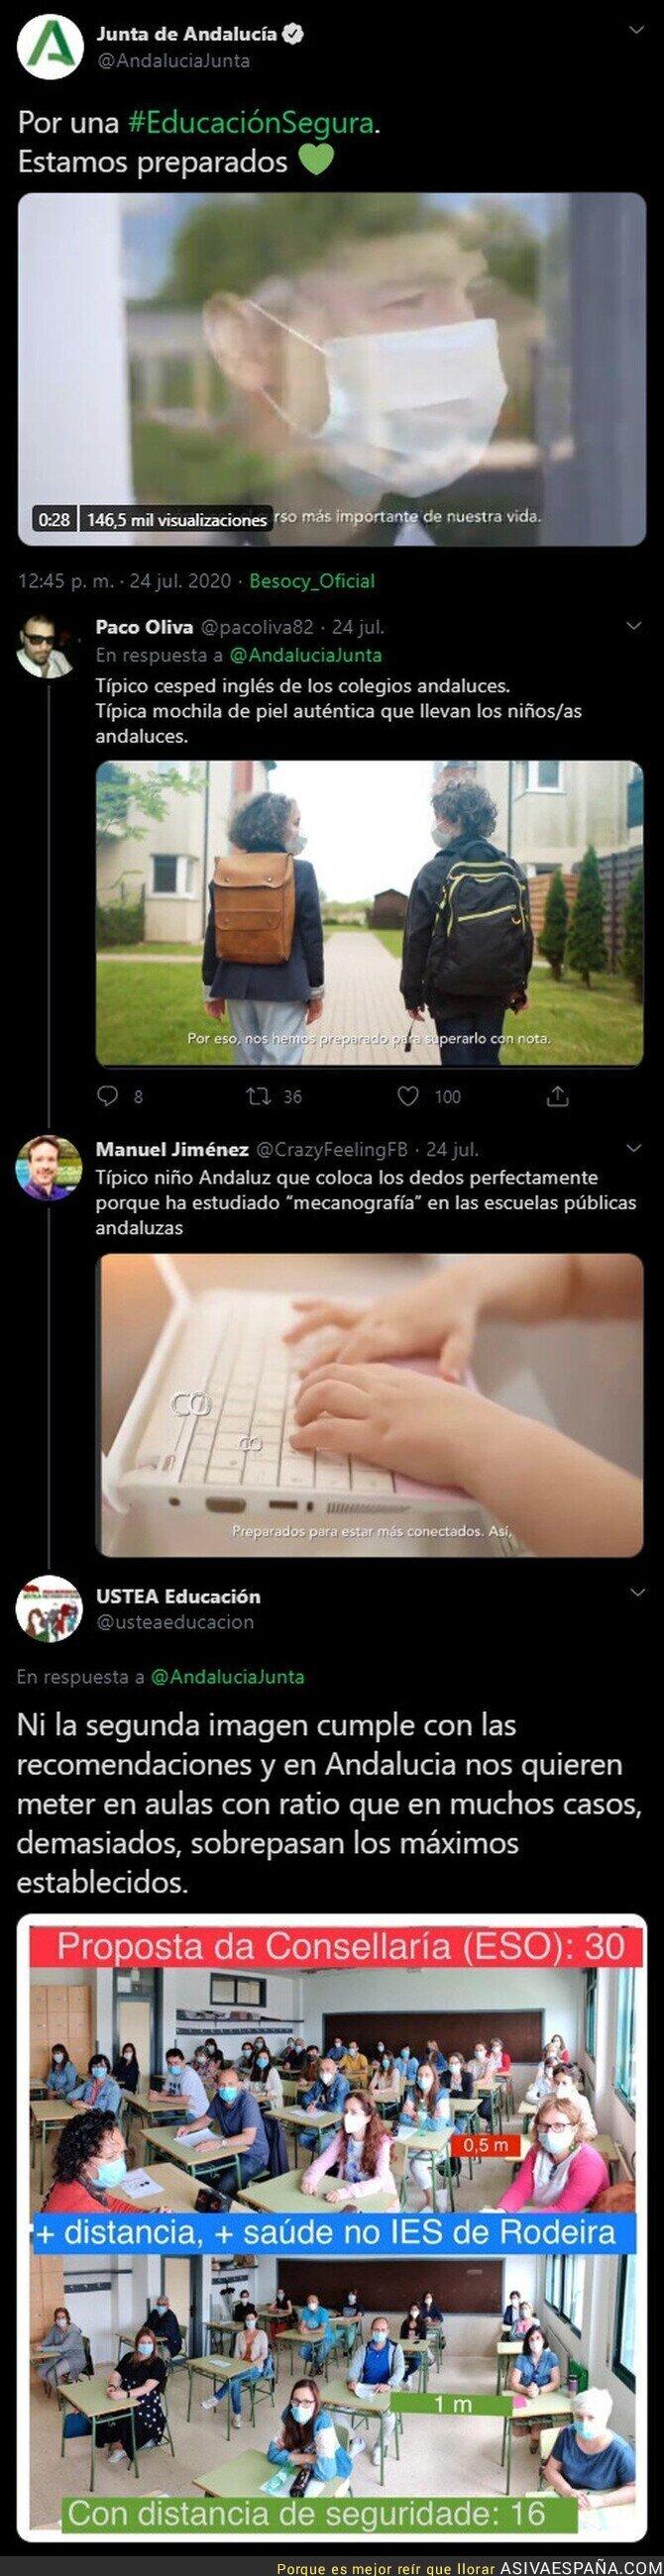 288000 - Críticas a la Junta de Andalucía por este spot sobre la vuelta al colegio en plena pandemia